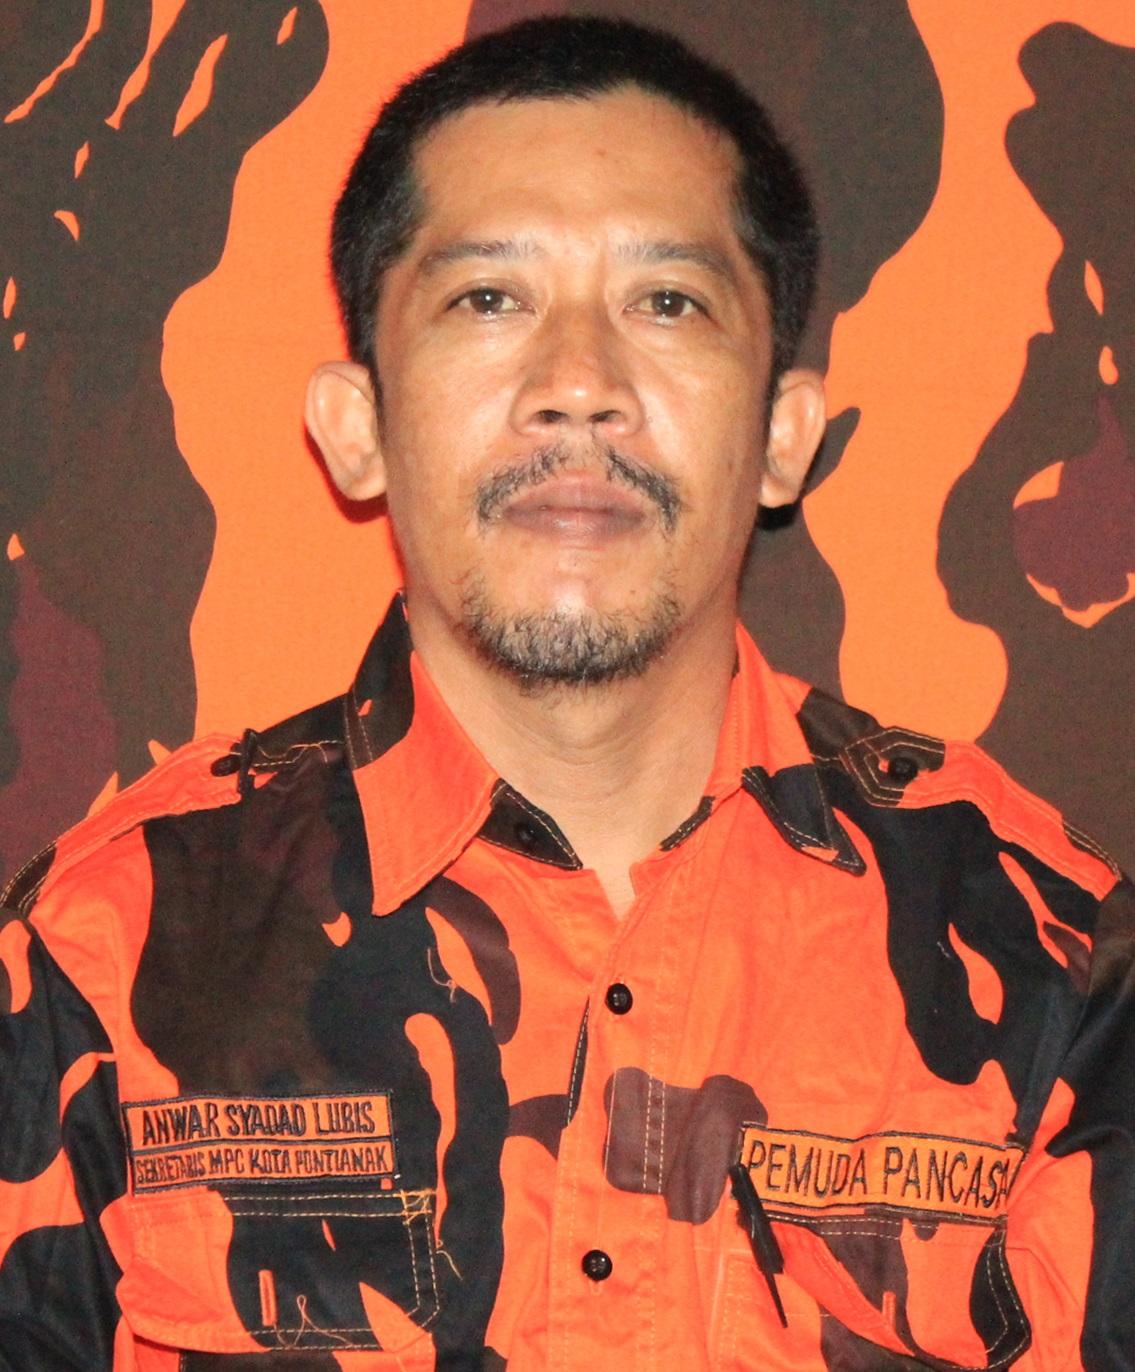 Sekretaris MPC Pemuda Pancasila Kota Pontianak